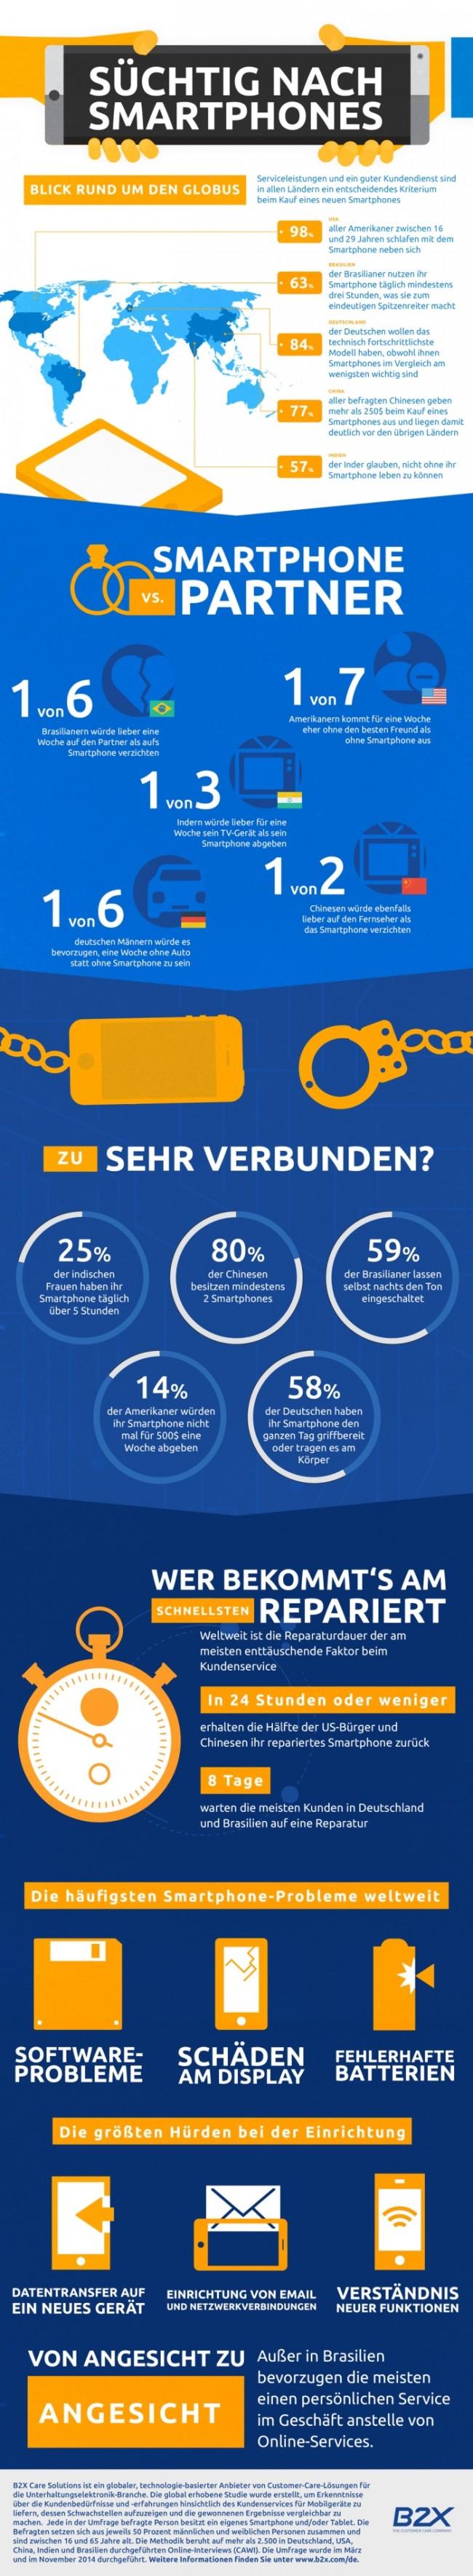 Für eine Studie über das Nutzerverhalten von Smartphone-Besitzern hat B2X Care Solutions mehr als 2.500 Smartphone-Besitzer zwischen 16 und 65 Jahren aus Deutschland, den USA, China, Brasilien und Indien befragt. (Grafik: B2X Care Solutions)